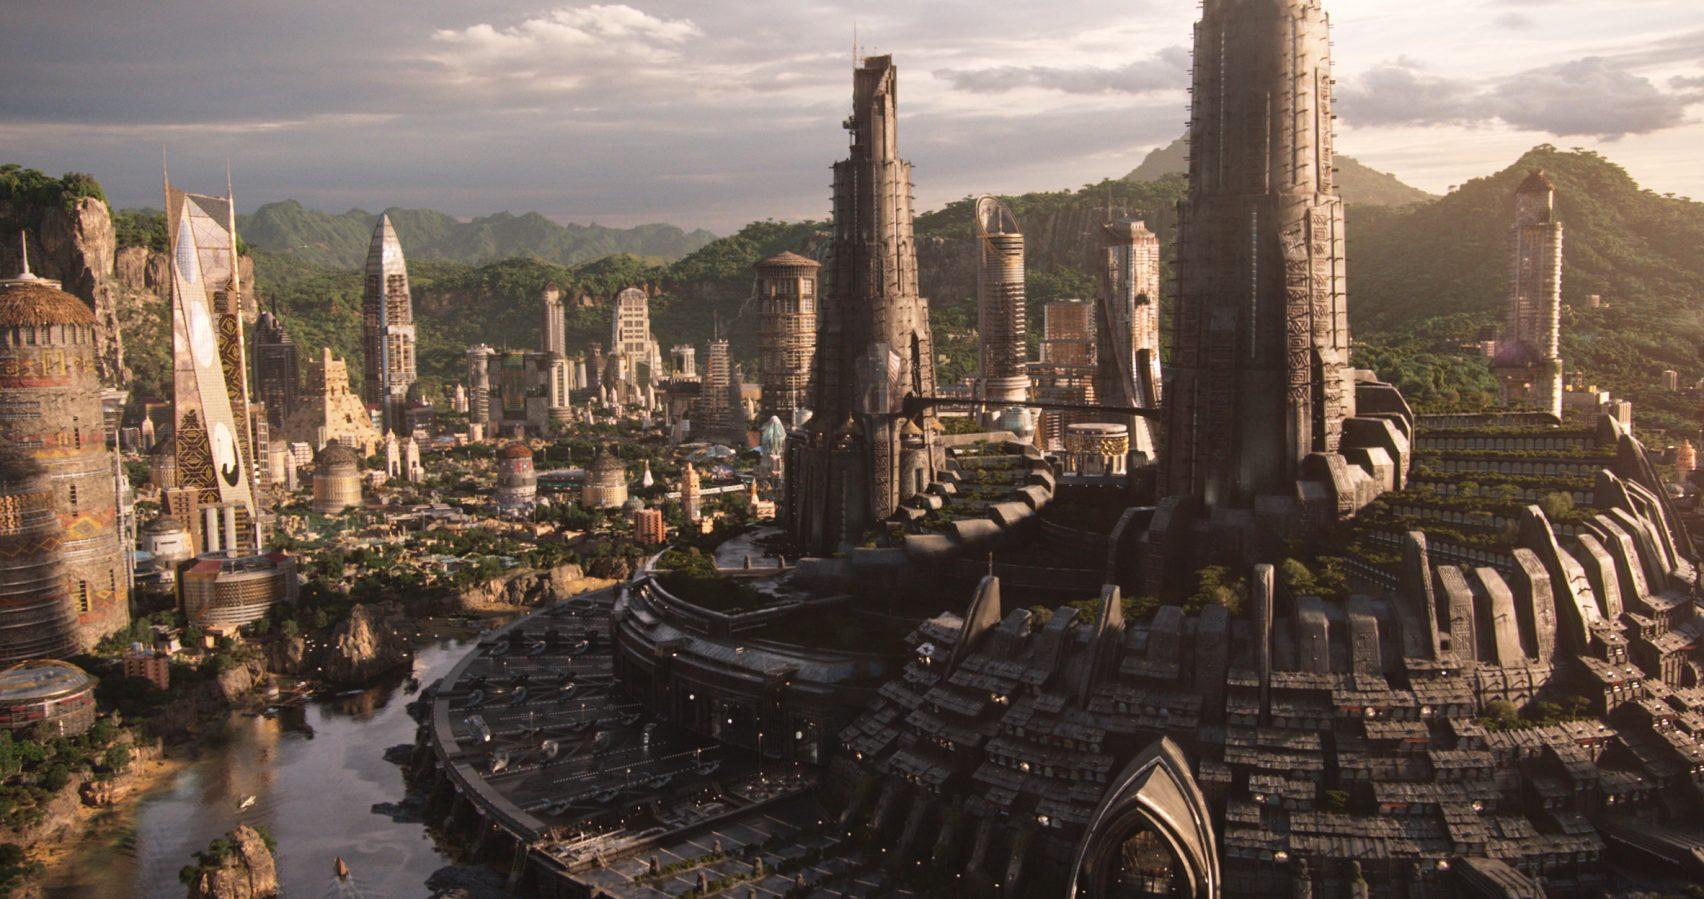 Vista aérea de la Wakanda